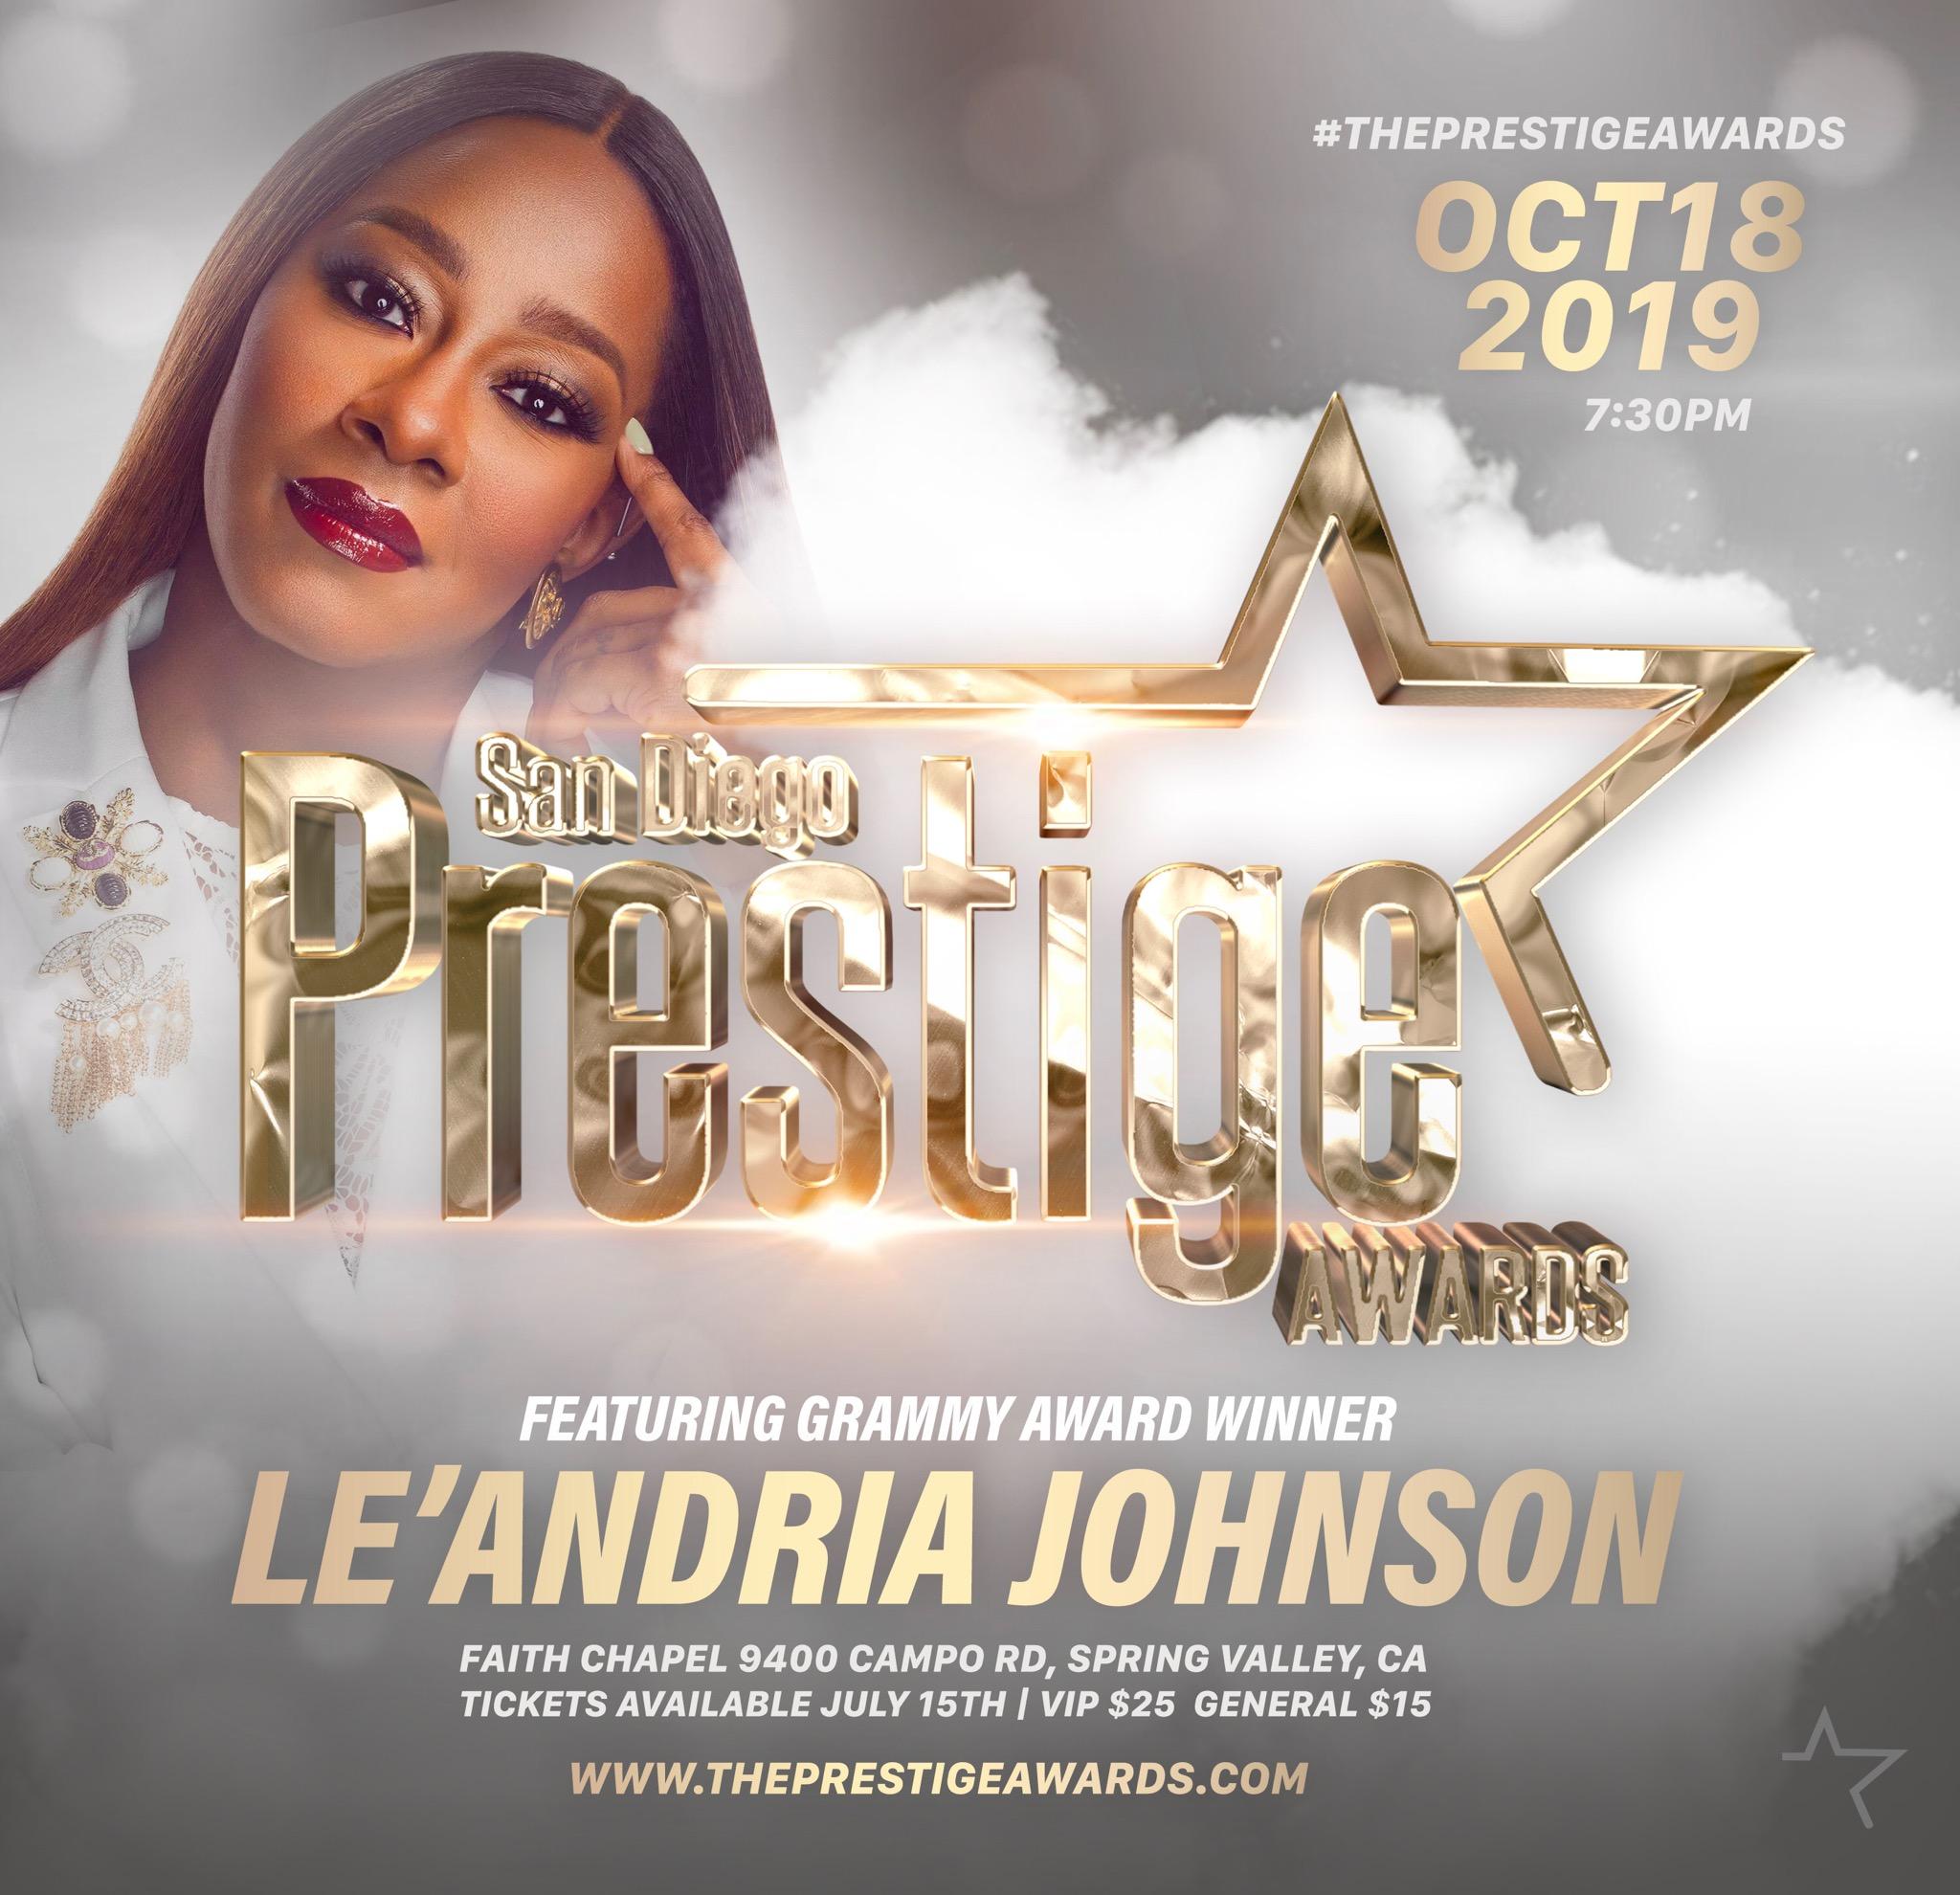 The Prestige Awards 2019